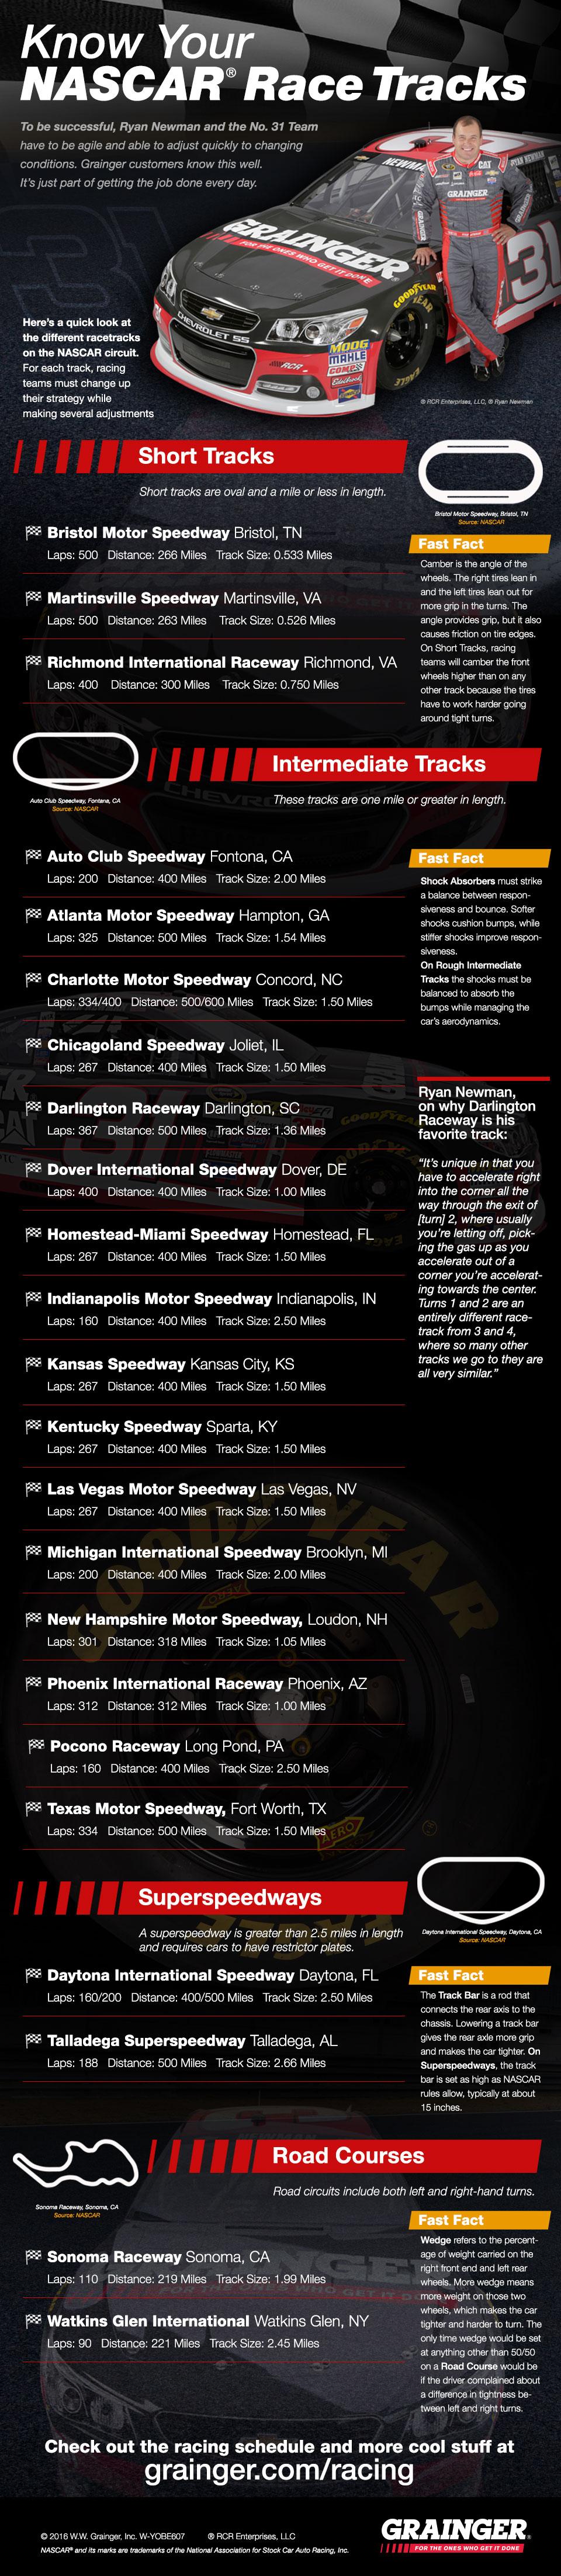 Know Your NASCAR Racetracks